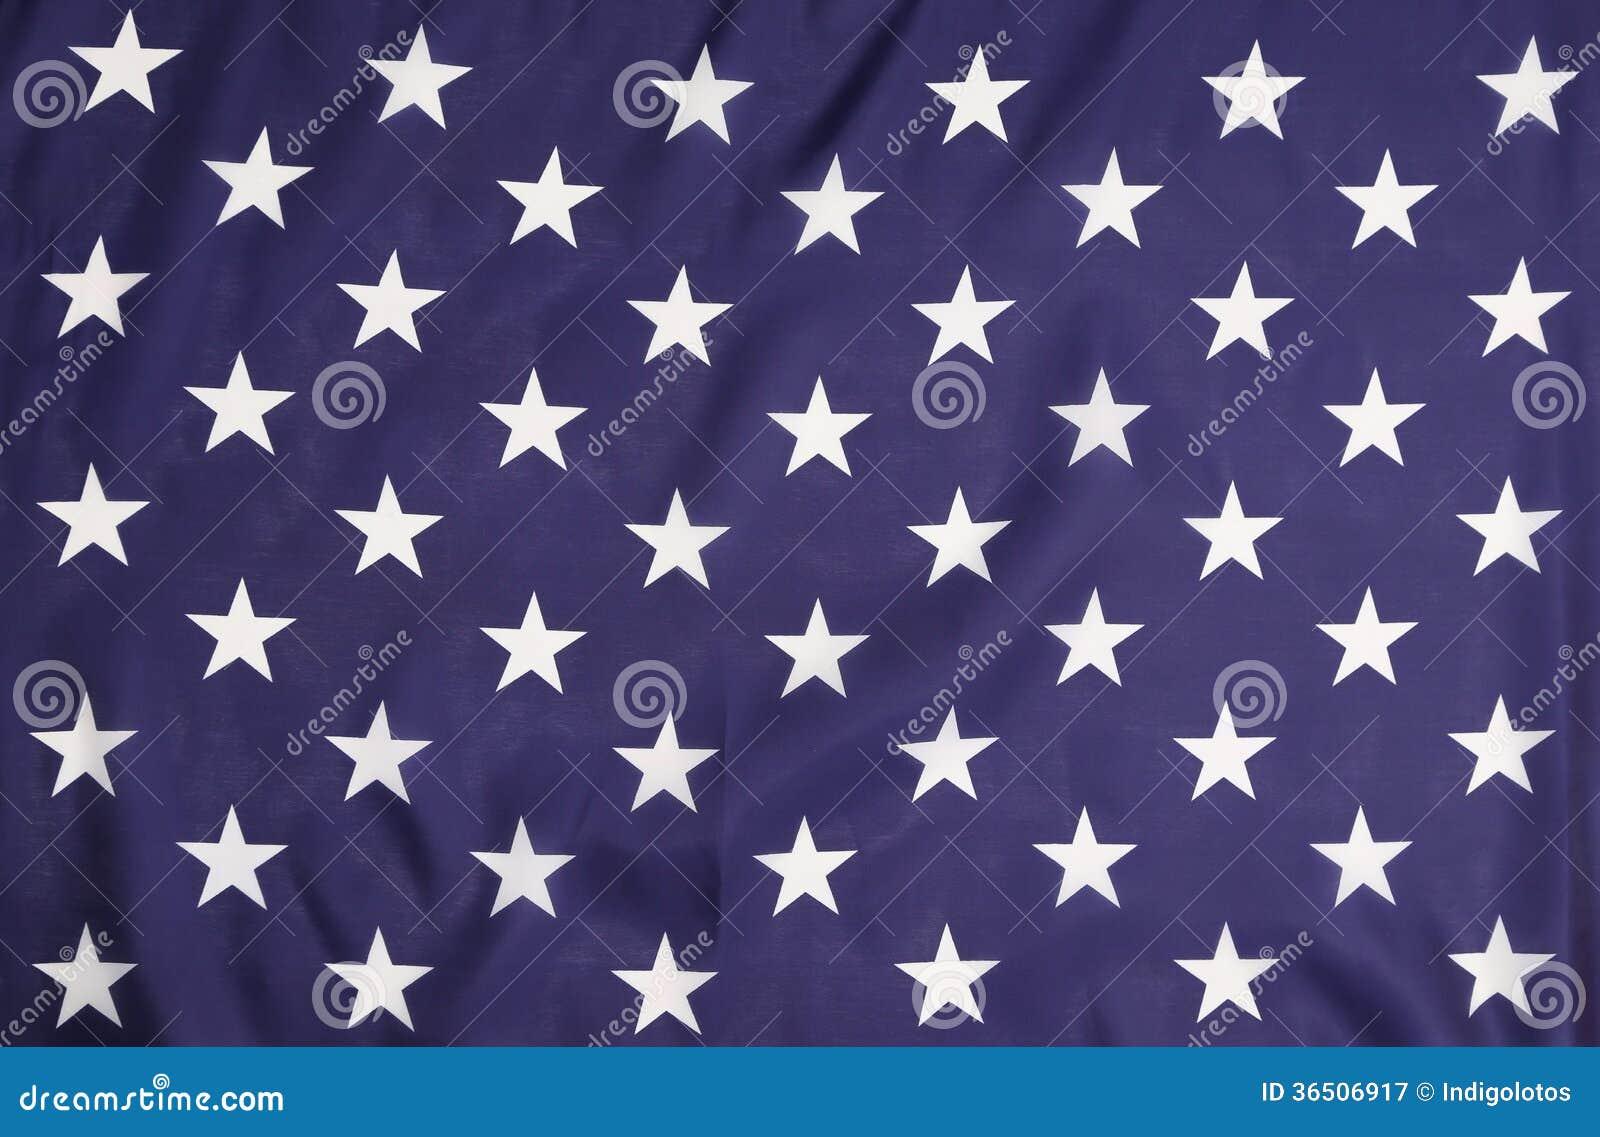 drapeau am ricain avec les toiles blanches photographie. Black Bedroom Furniture Sets. Home Design Ideas